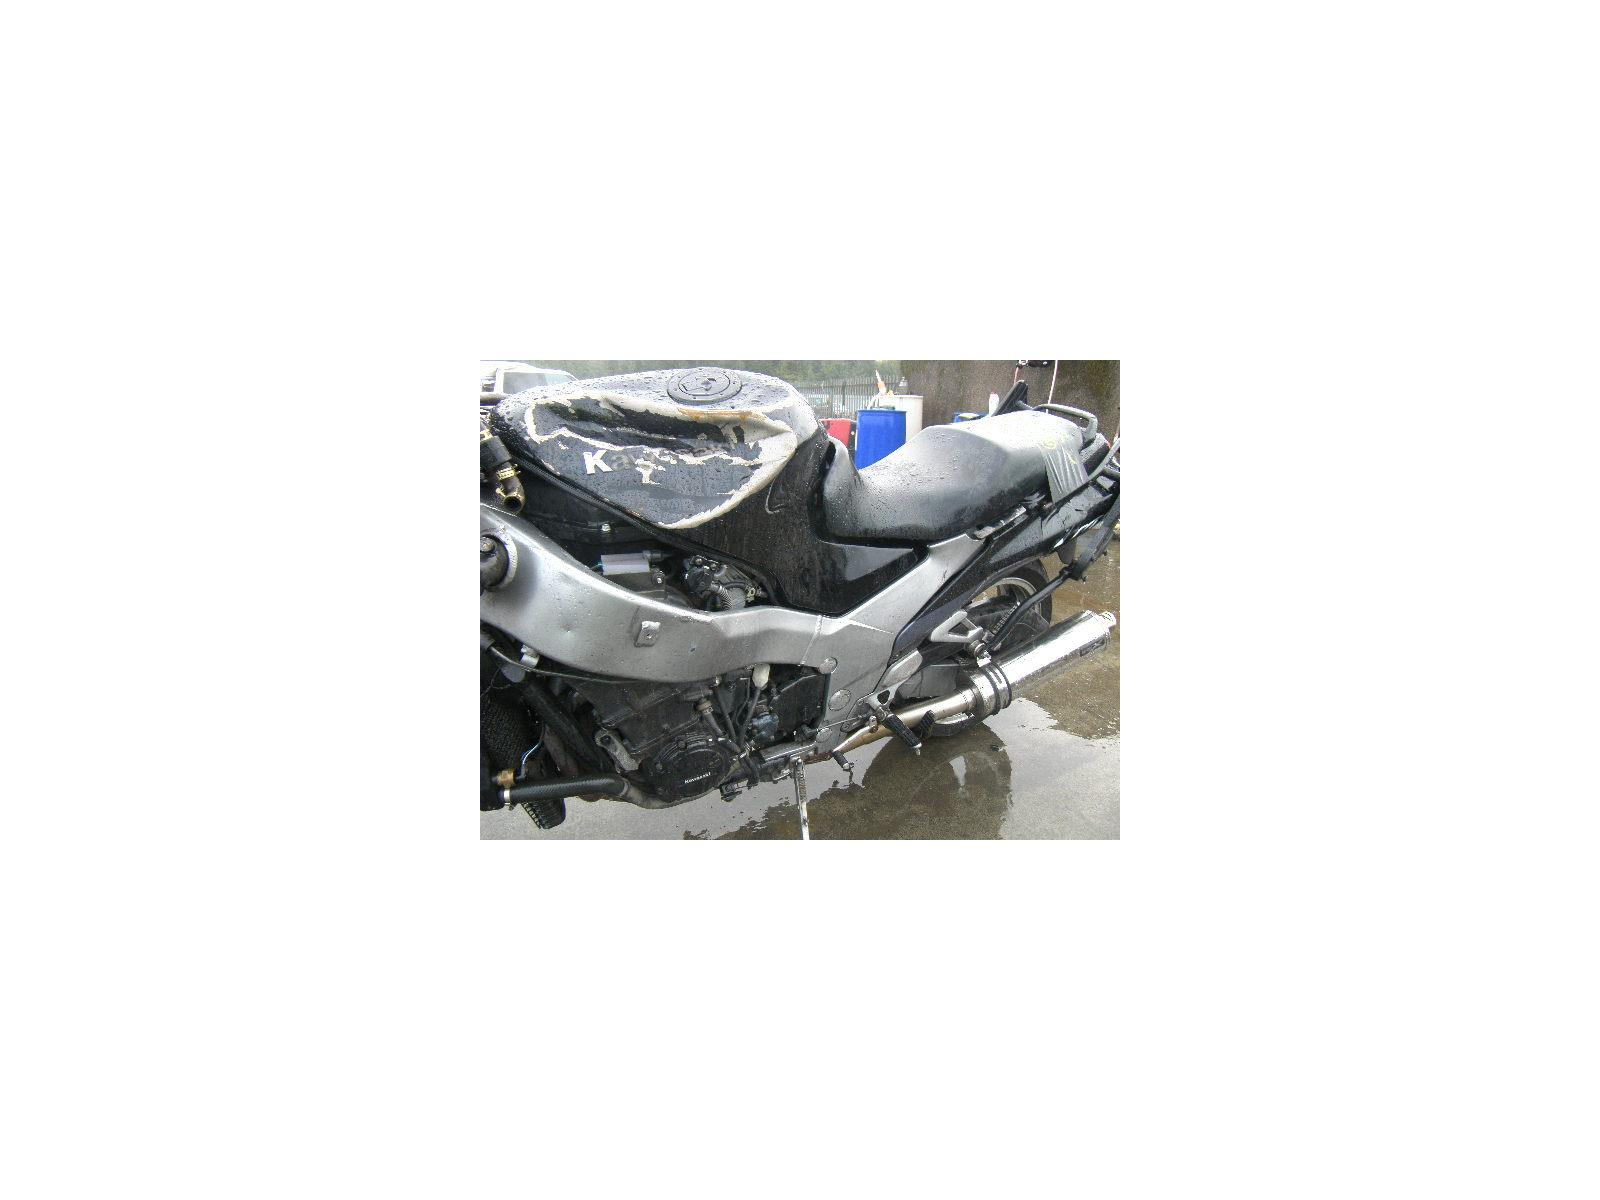 ... Kawasaki ZX 1100 - D6 (ZZR 1100) Road ...